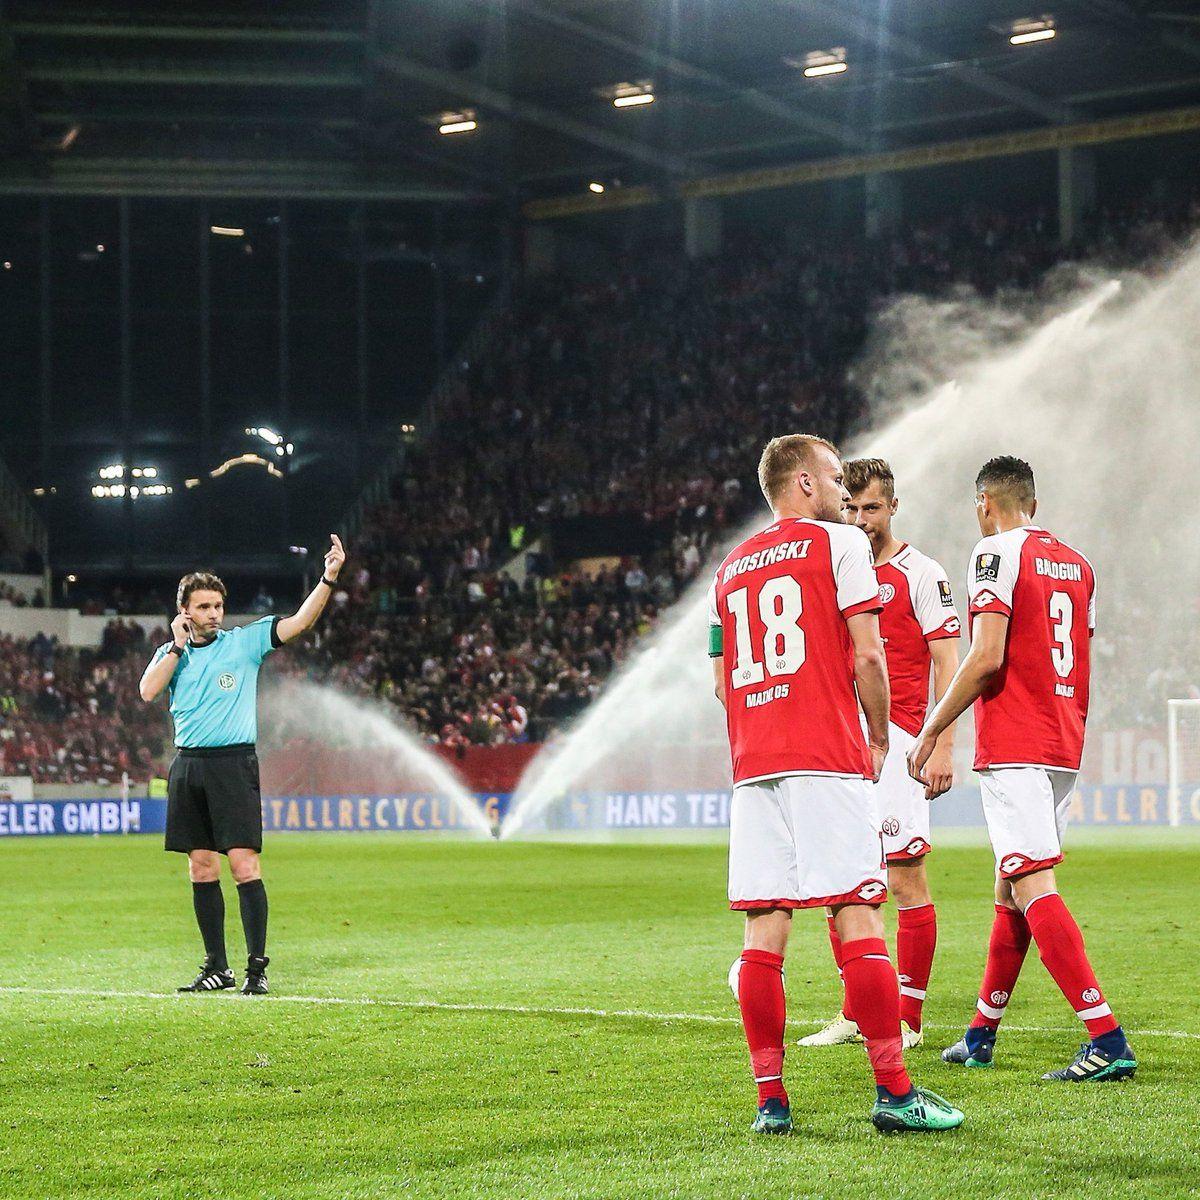 El árbitro llamó a los futbolistas desde los vestidores. Foto: Goal.com